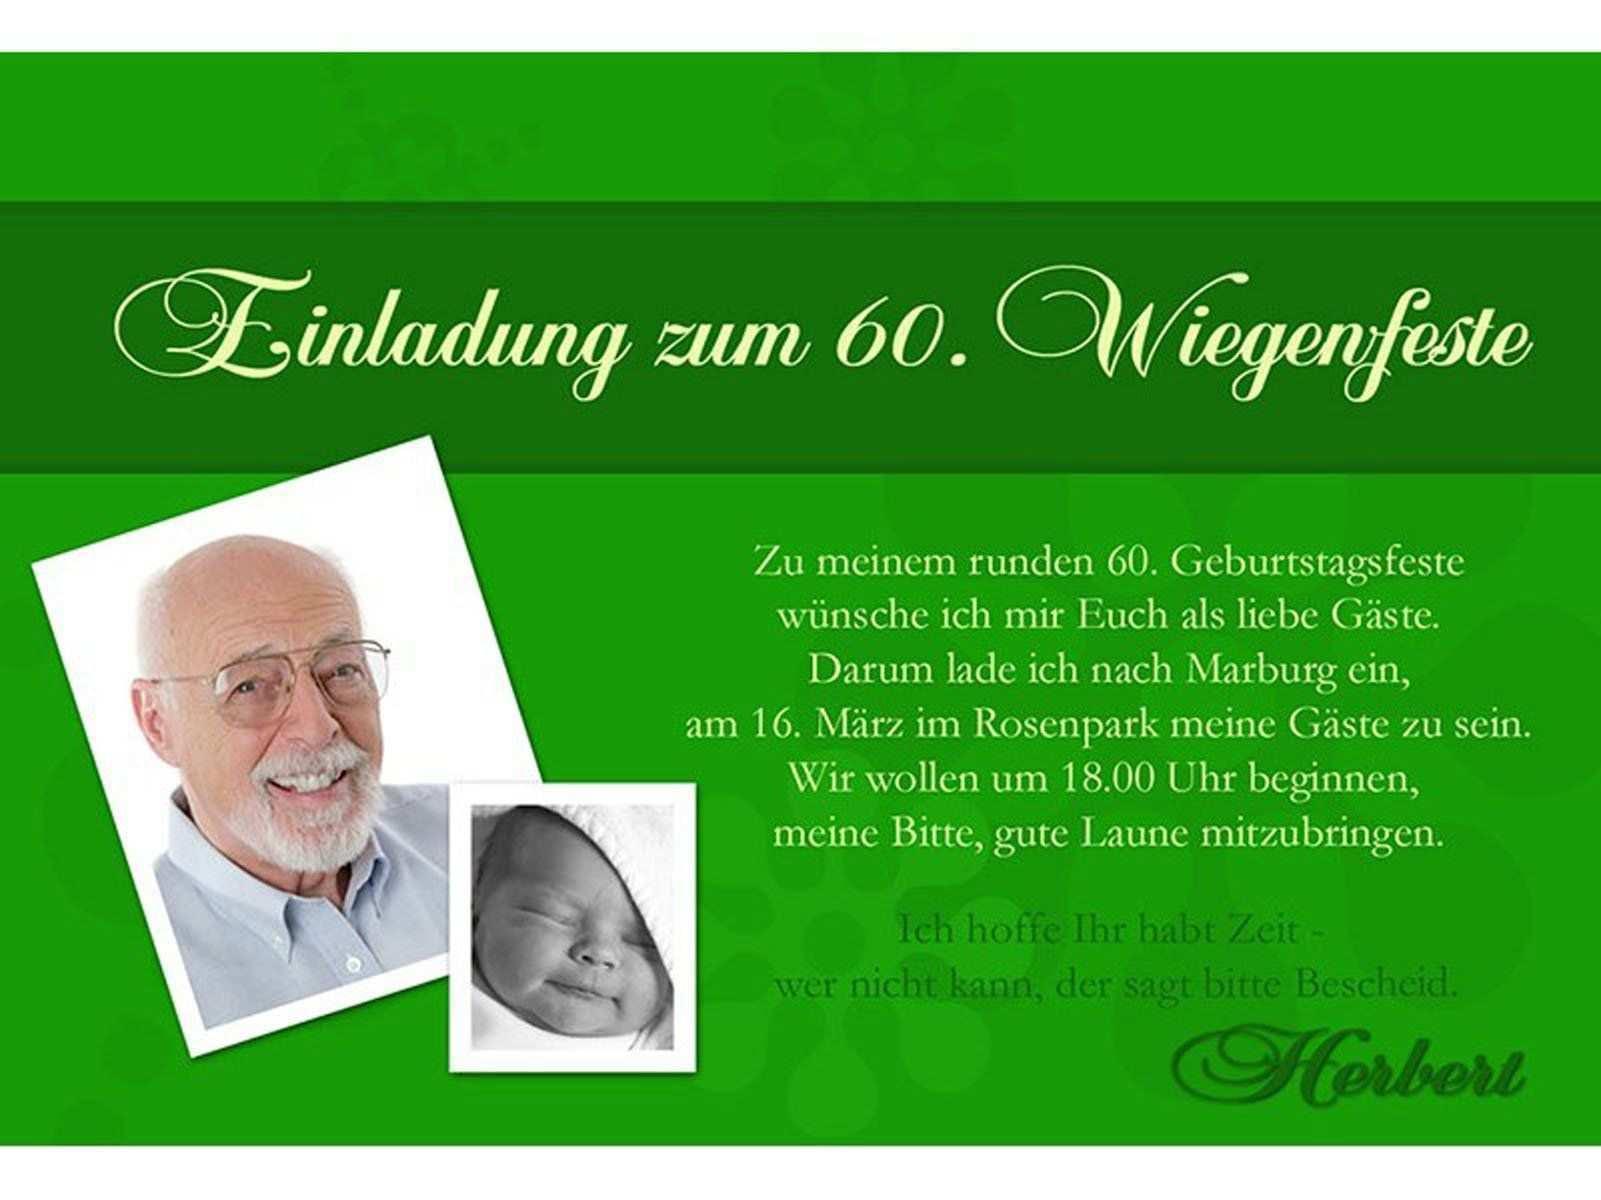 Einladungskarten Geburtstag Einladungskarten 80 Geburtstag Vorlagen Kostenlos Einladung Zum Geburtstag Einladung Zum Geburtstag